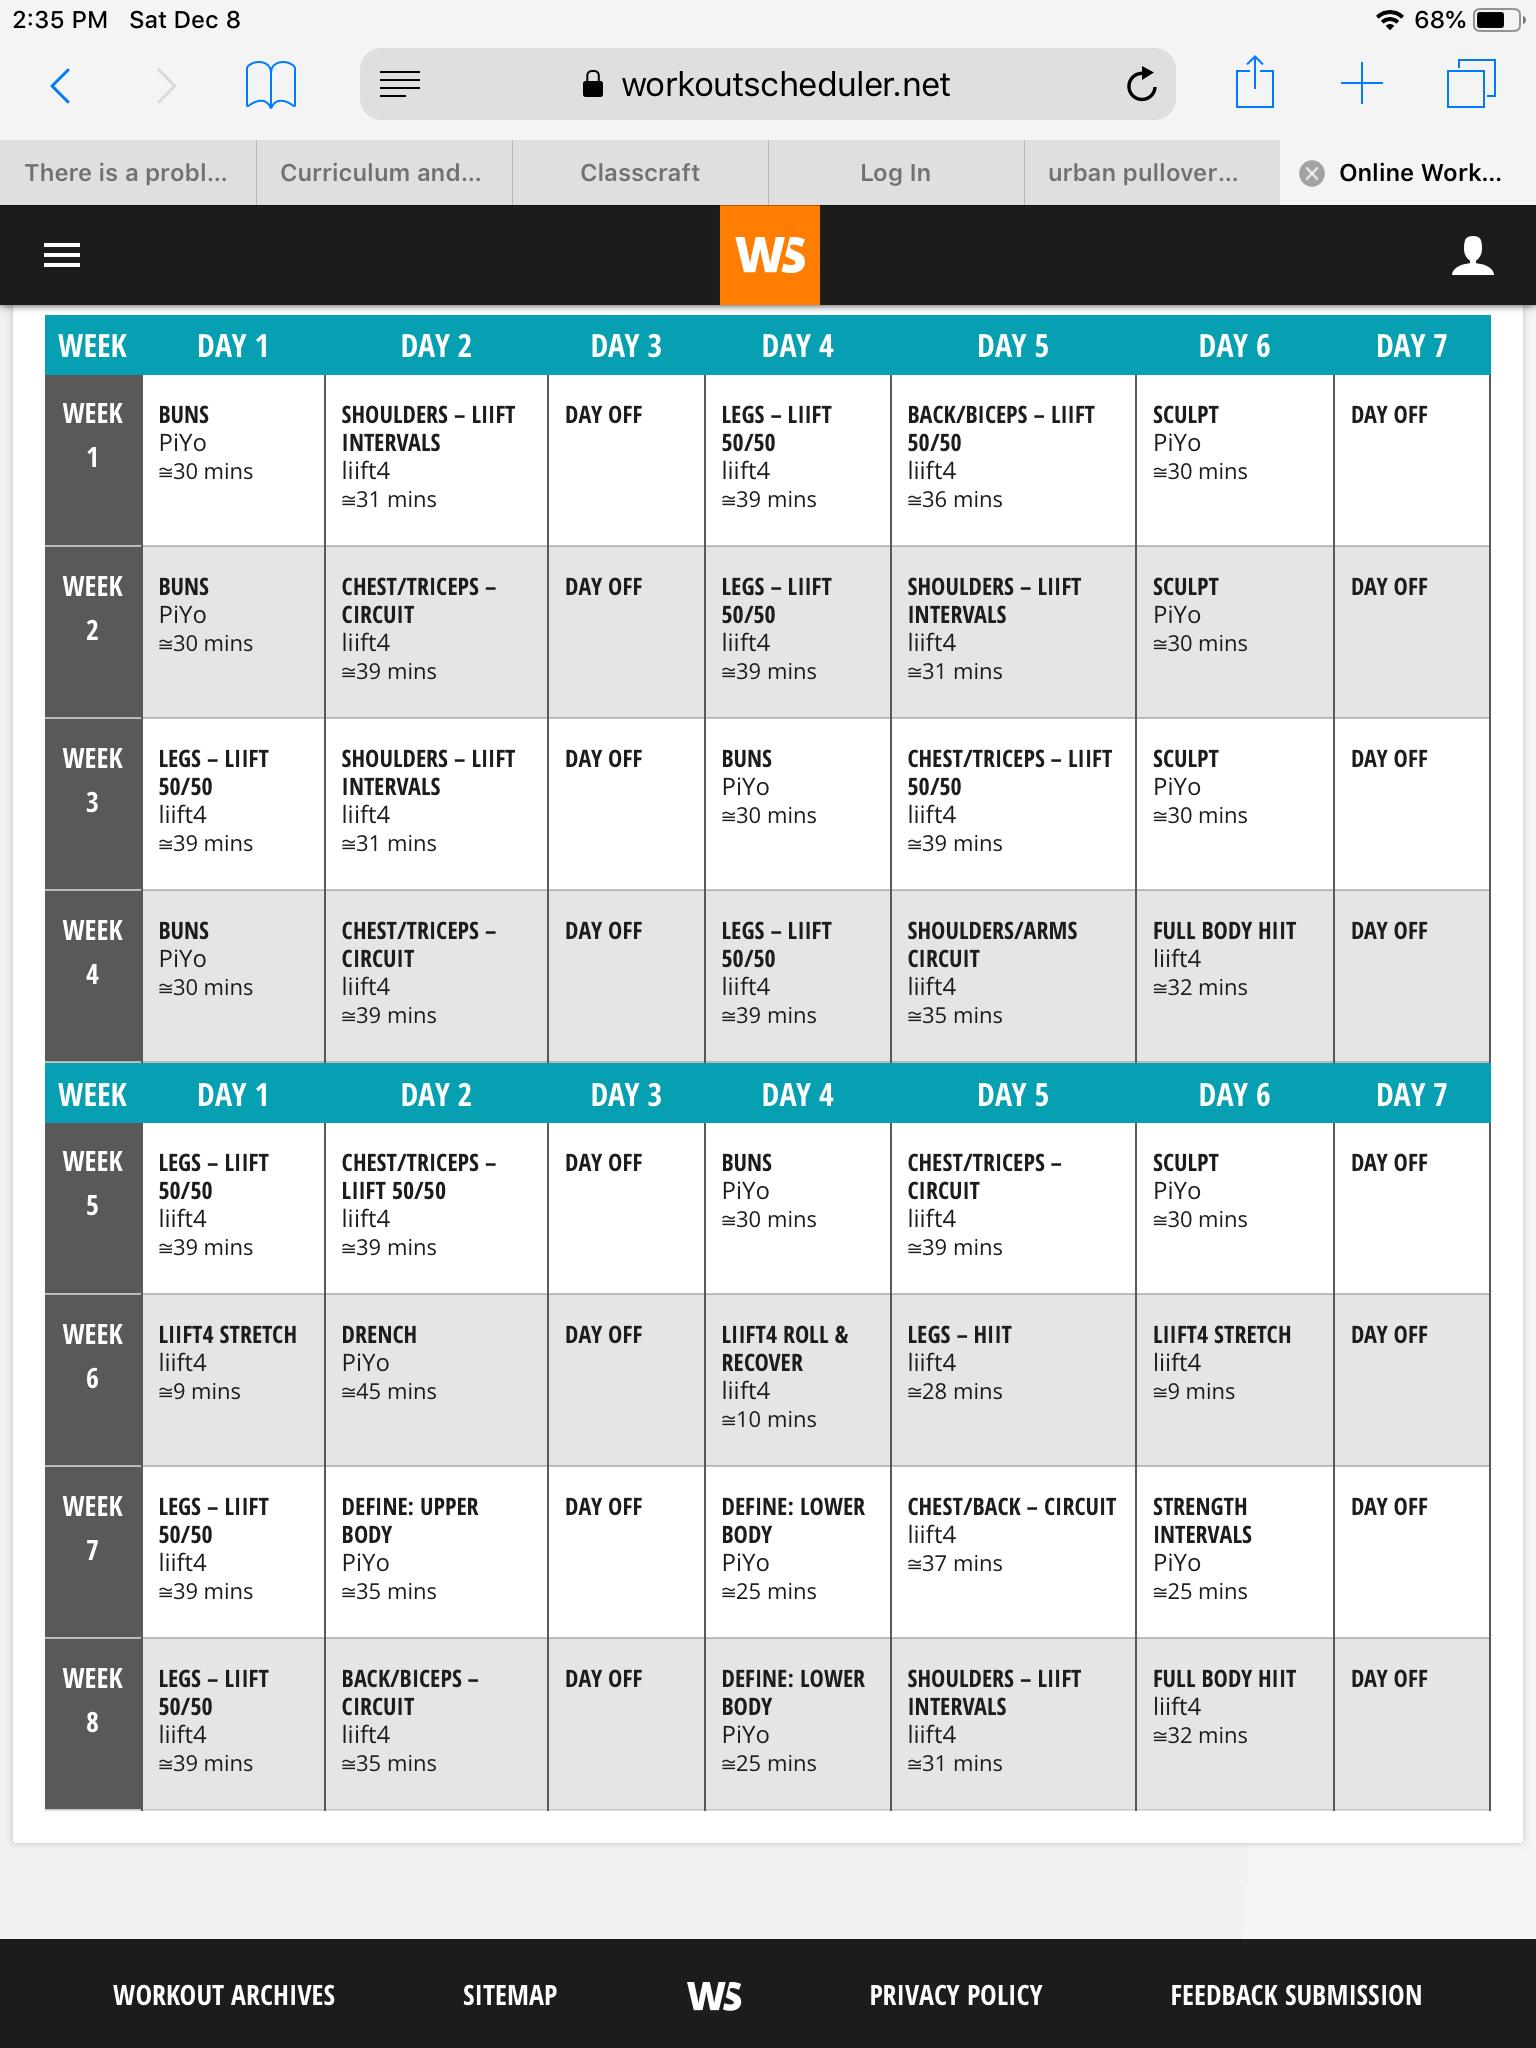 Liift4 and Piyo hybrid workout | Beachbody workout program ...